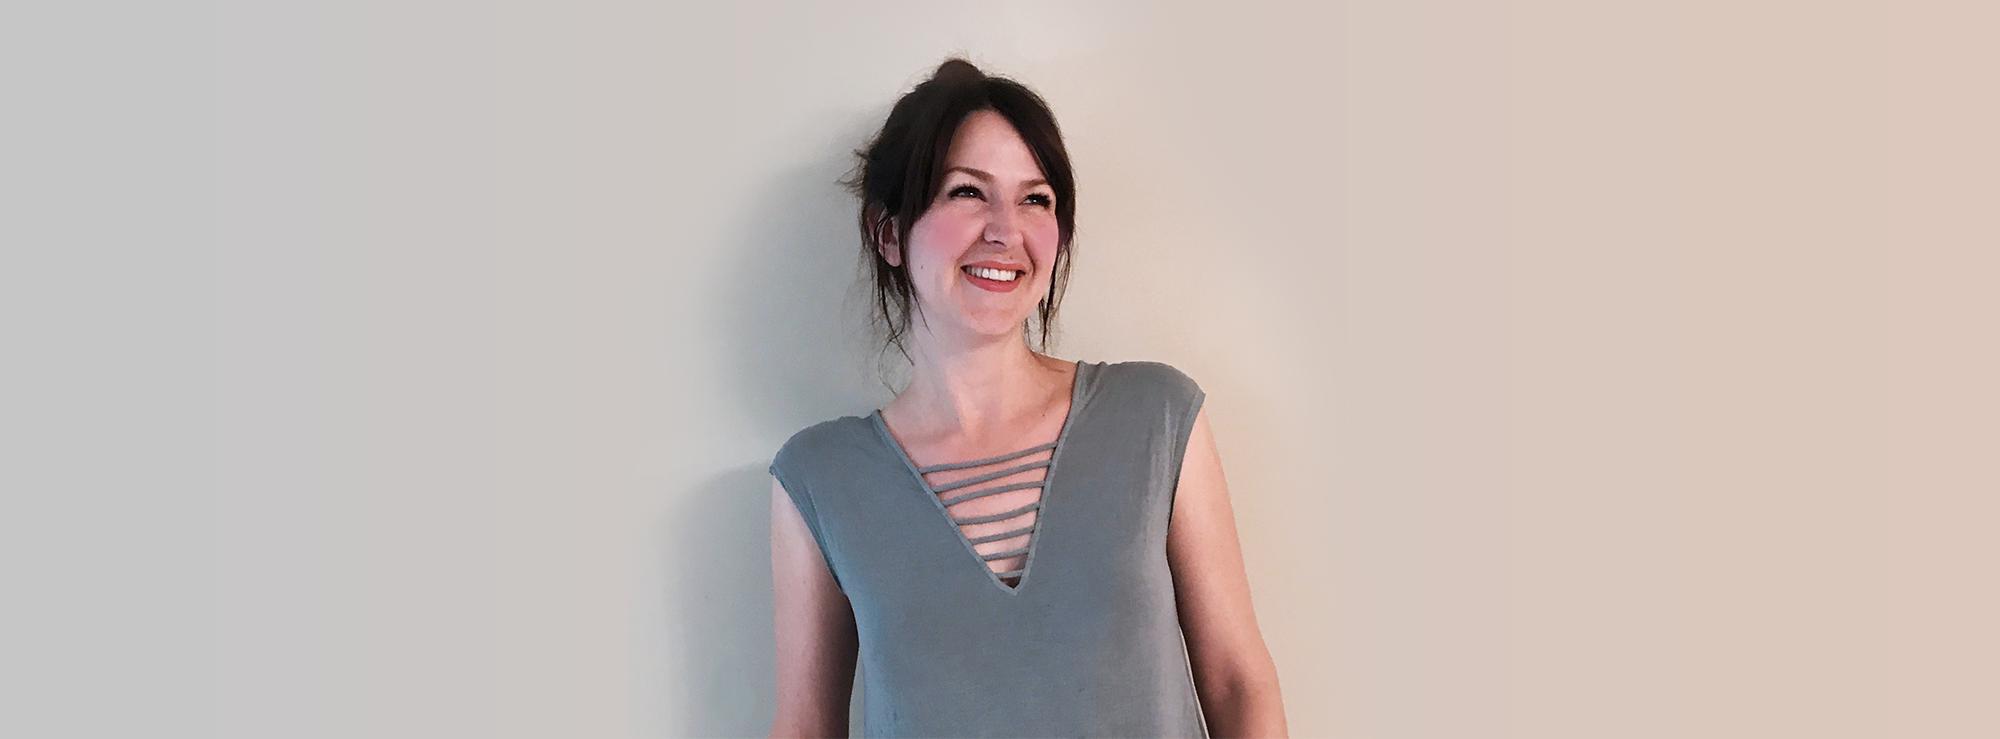 Holly Reynolds - UX and Web Designer - UX Design, Web Design, Interaction Design